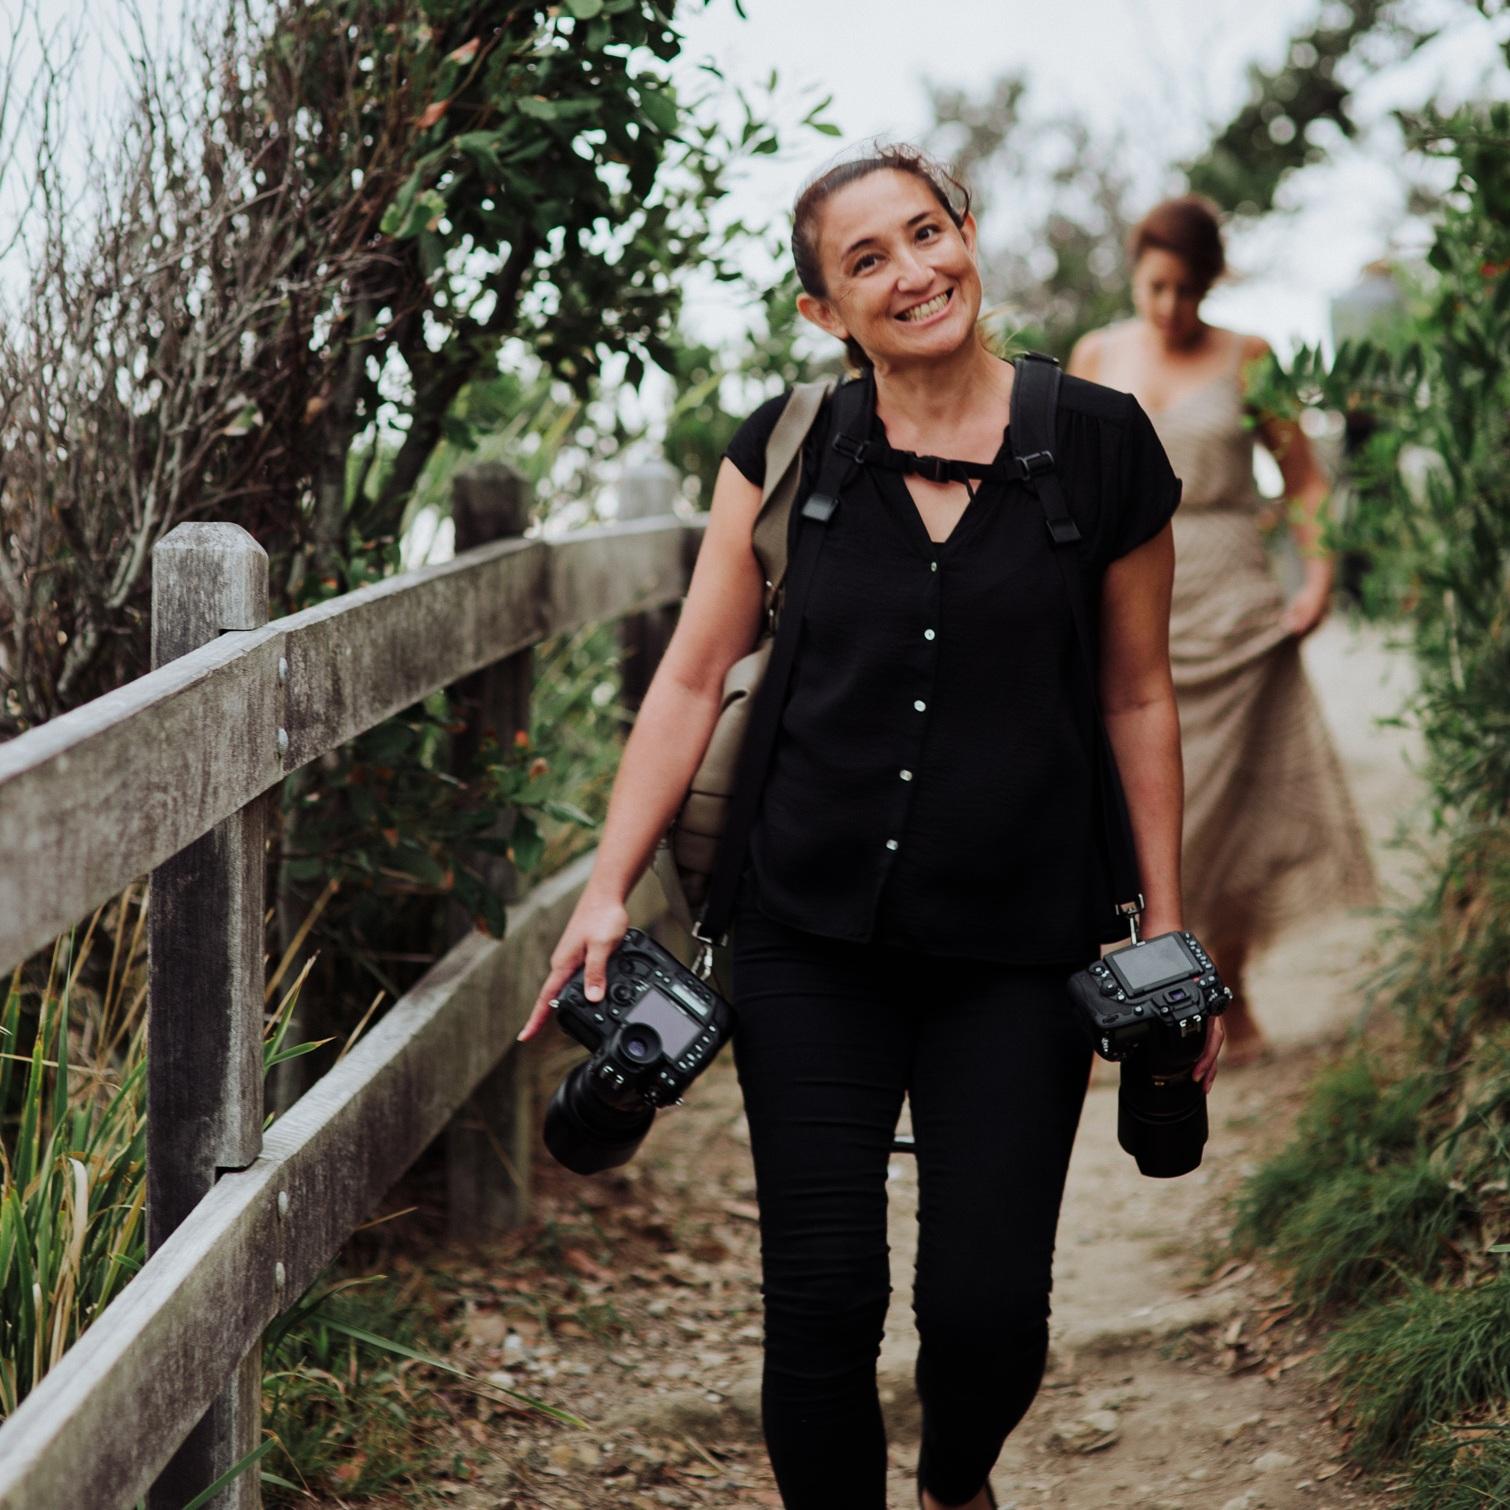 Sarah - Owner, Studio Manager & Photographer